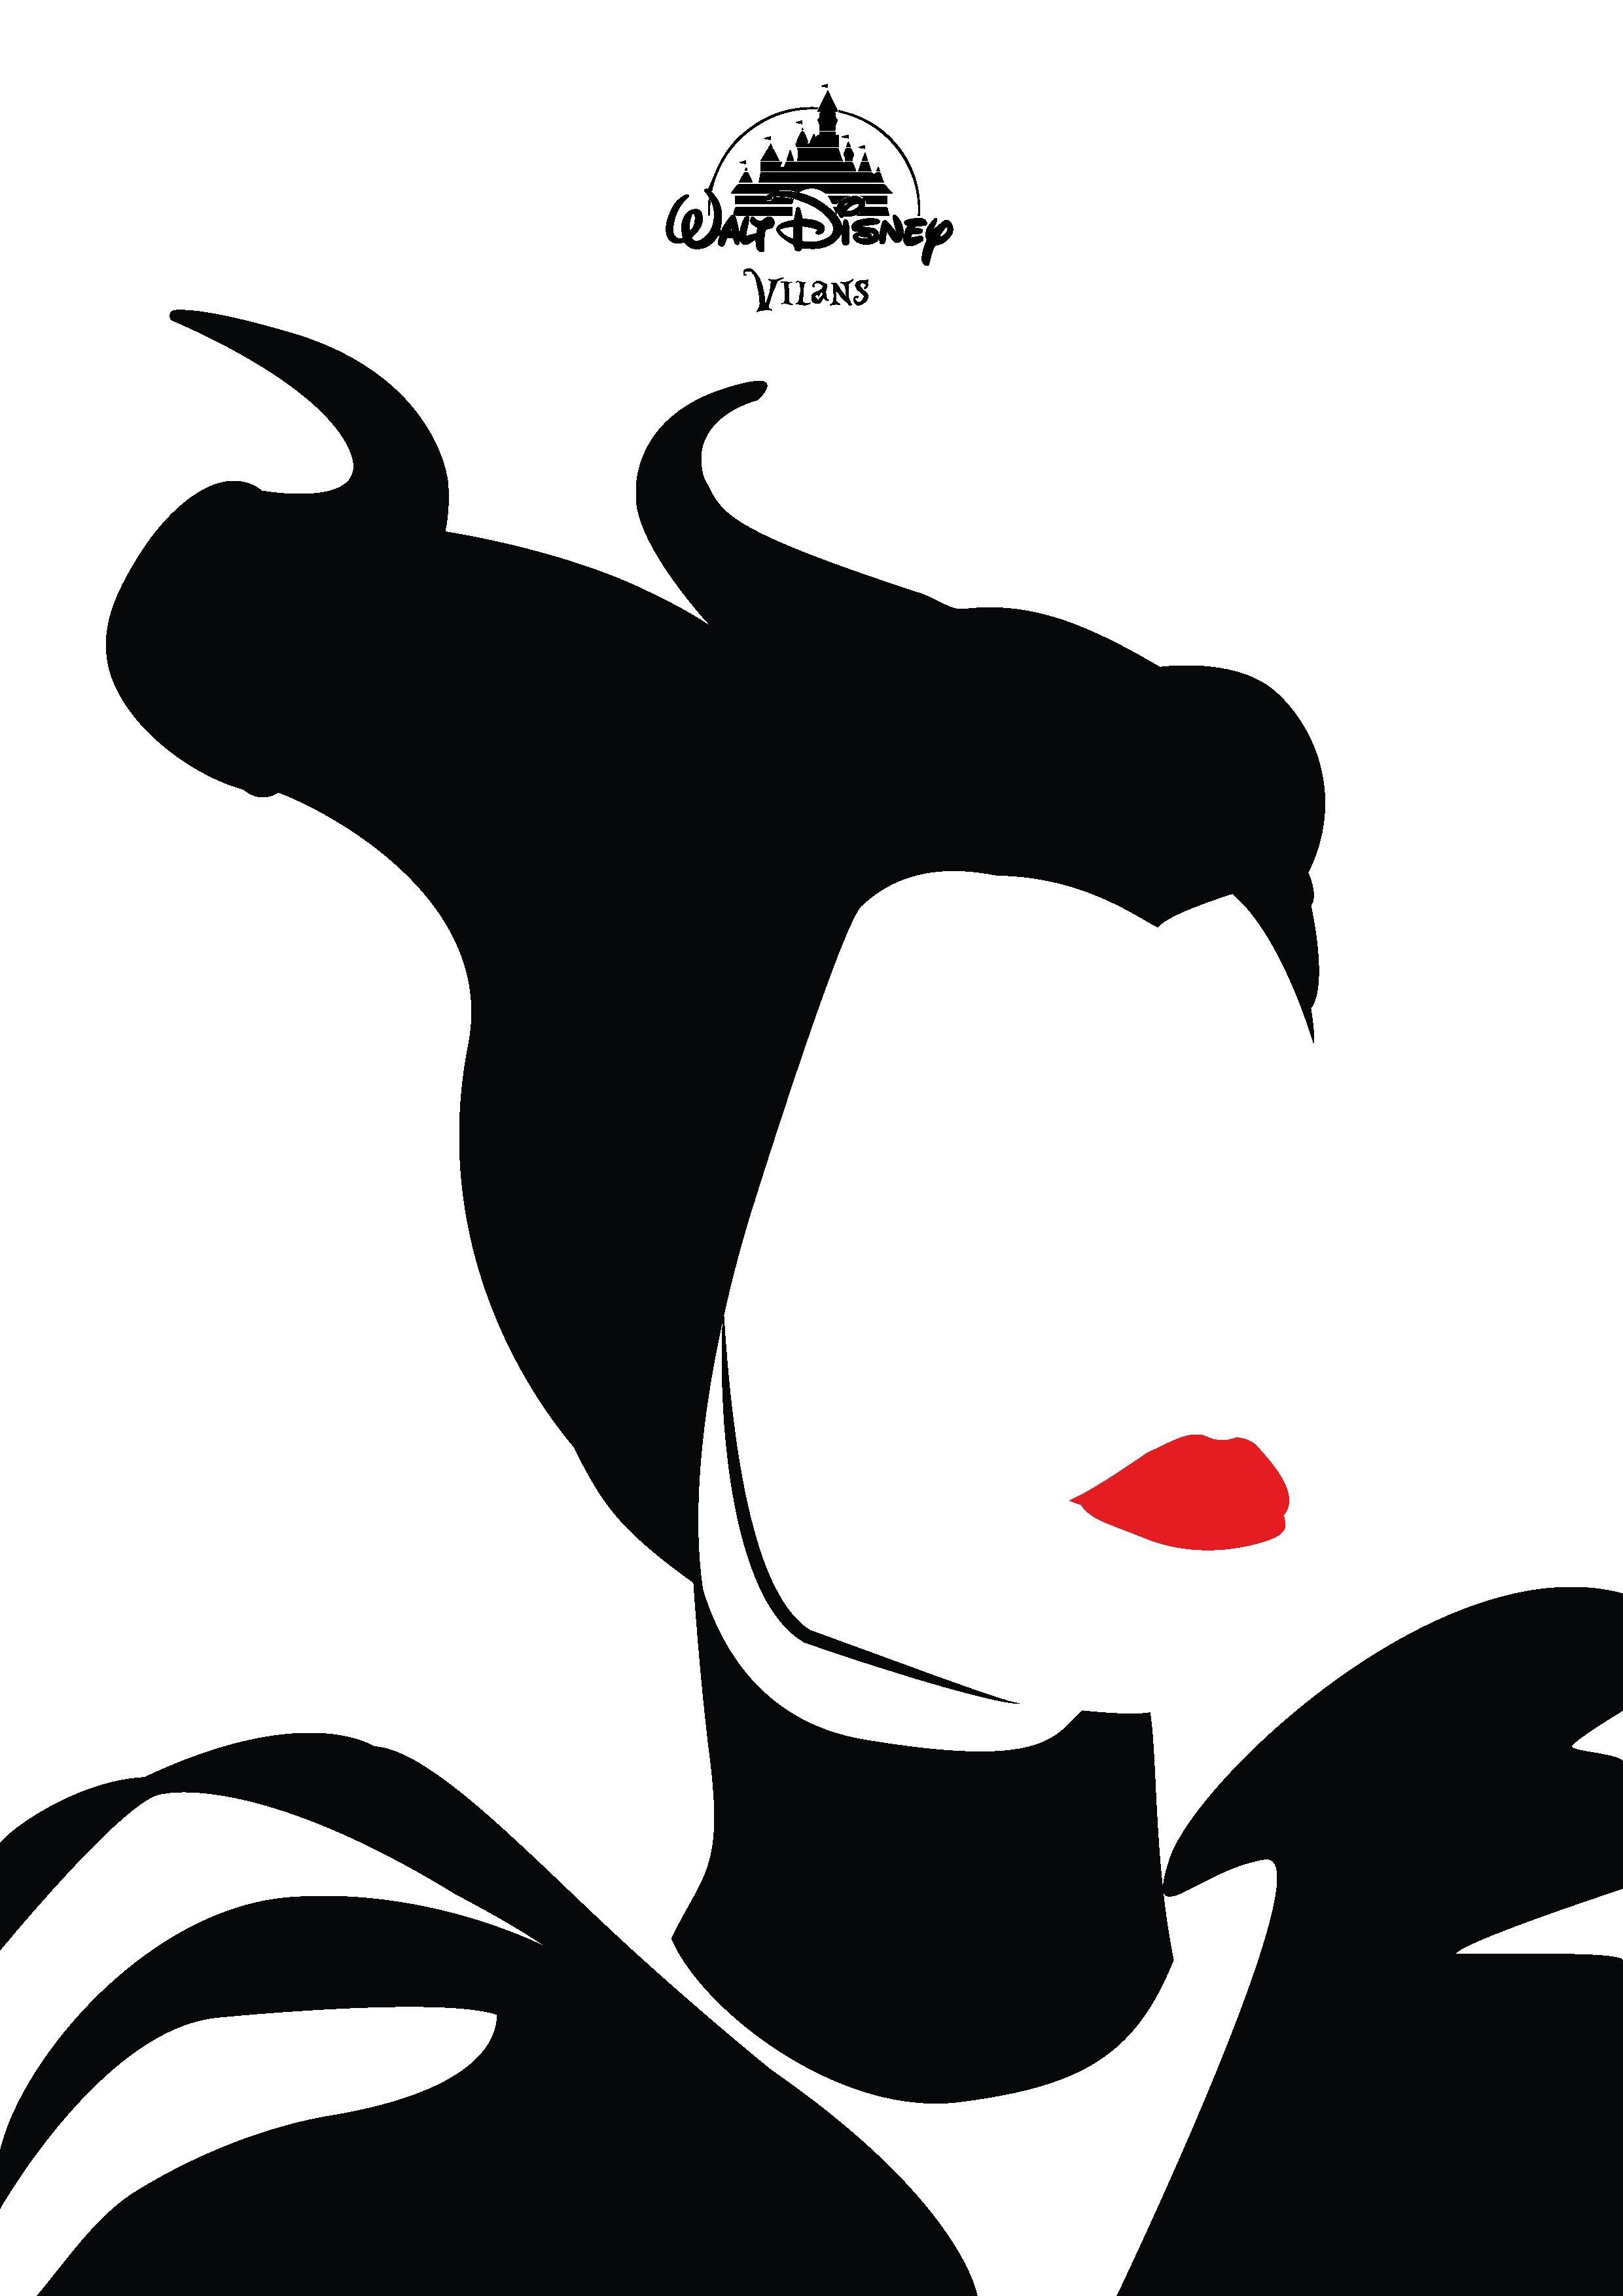 Minimalistische Poster Ontwerpen Van Je Favoriete Disney Villans Disney Drawings Disney Silhouette Art Disney Minimalist